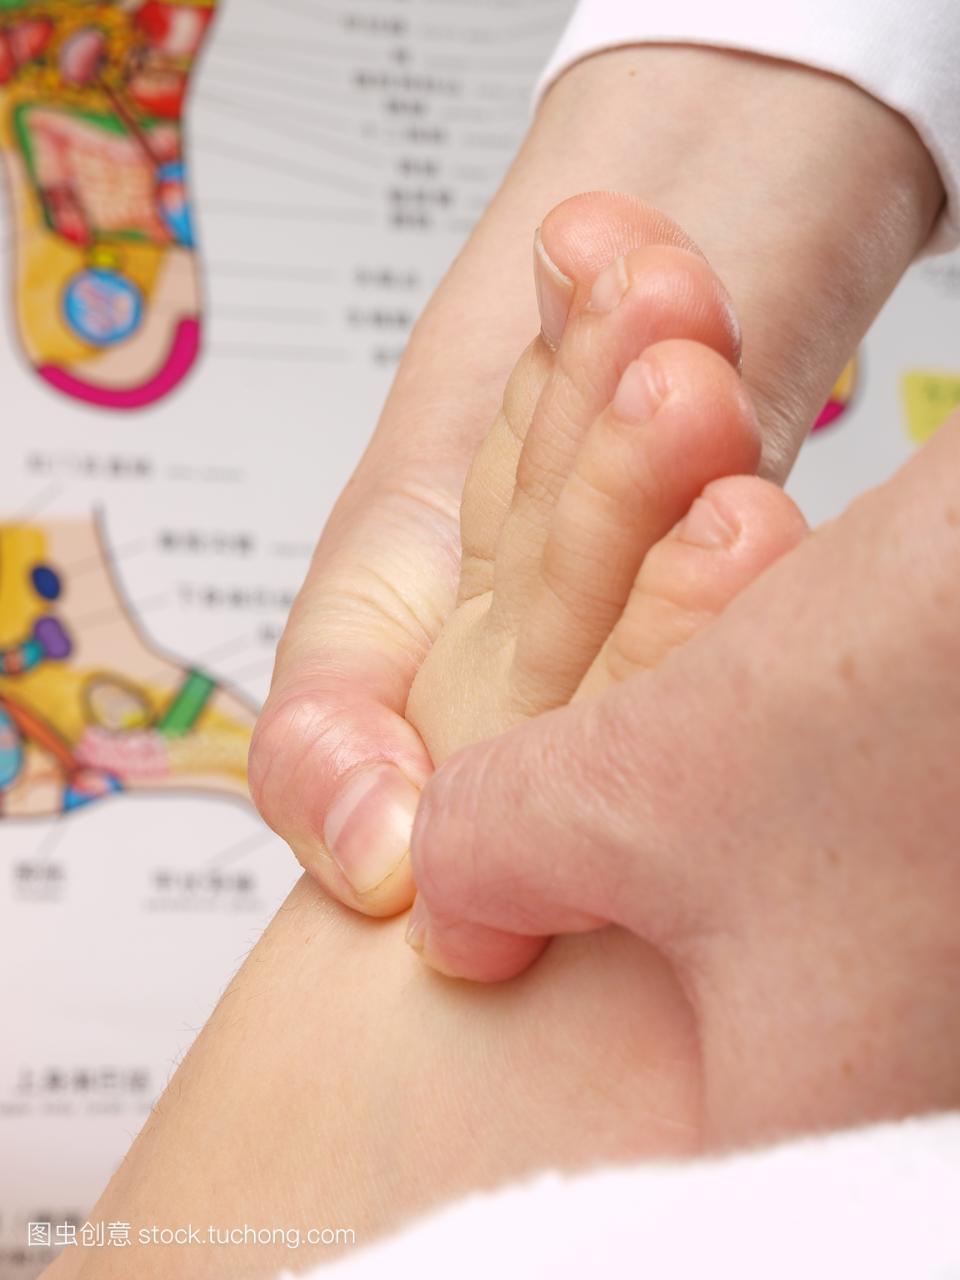 照料,照顾,治疗师,消遣,生活,油,生活方式,疗法,皮